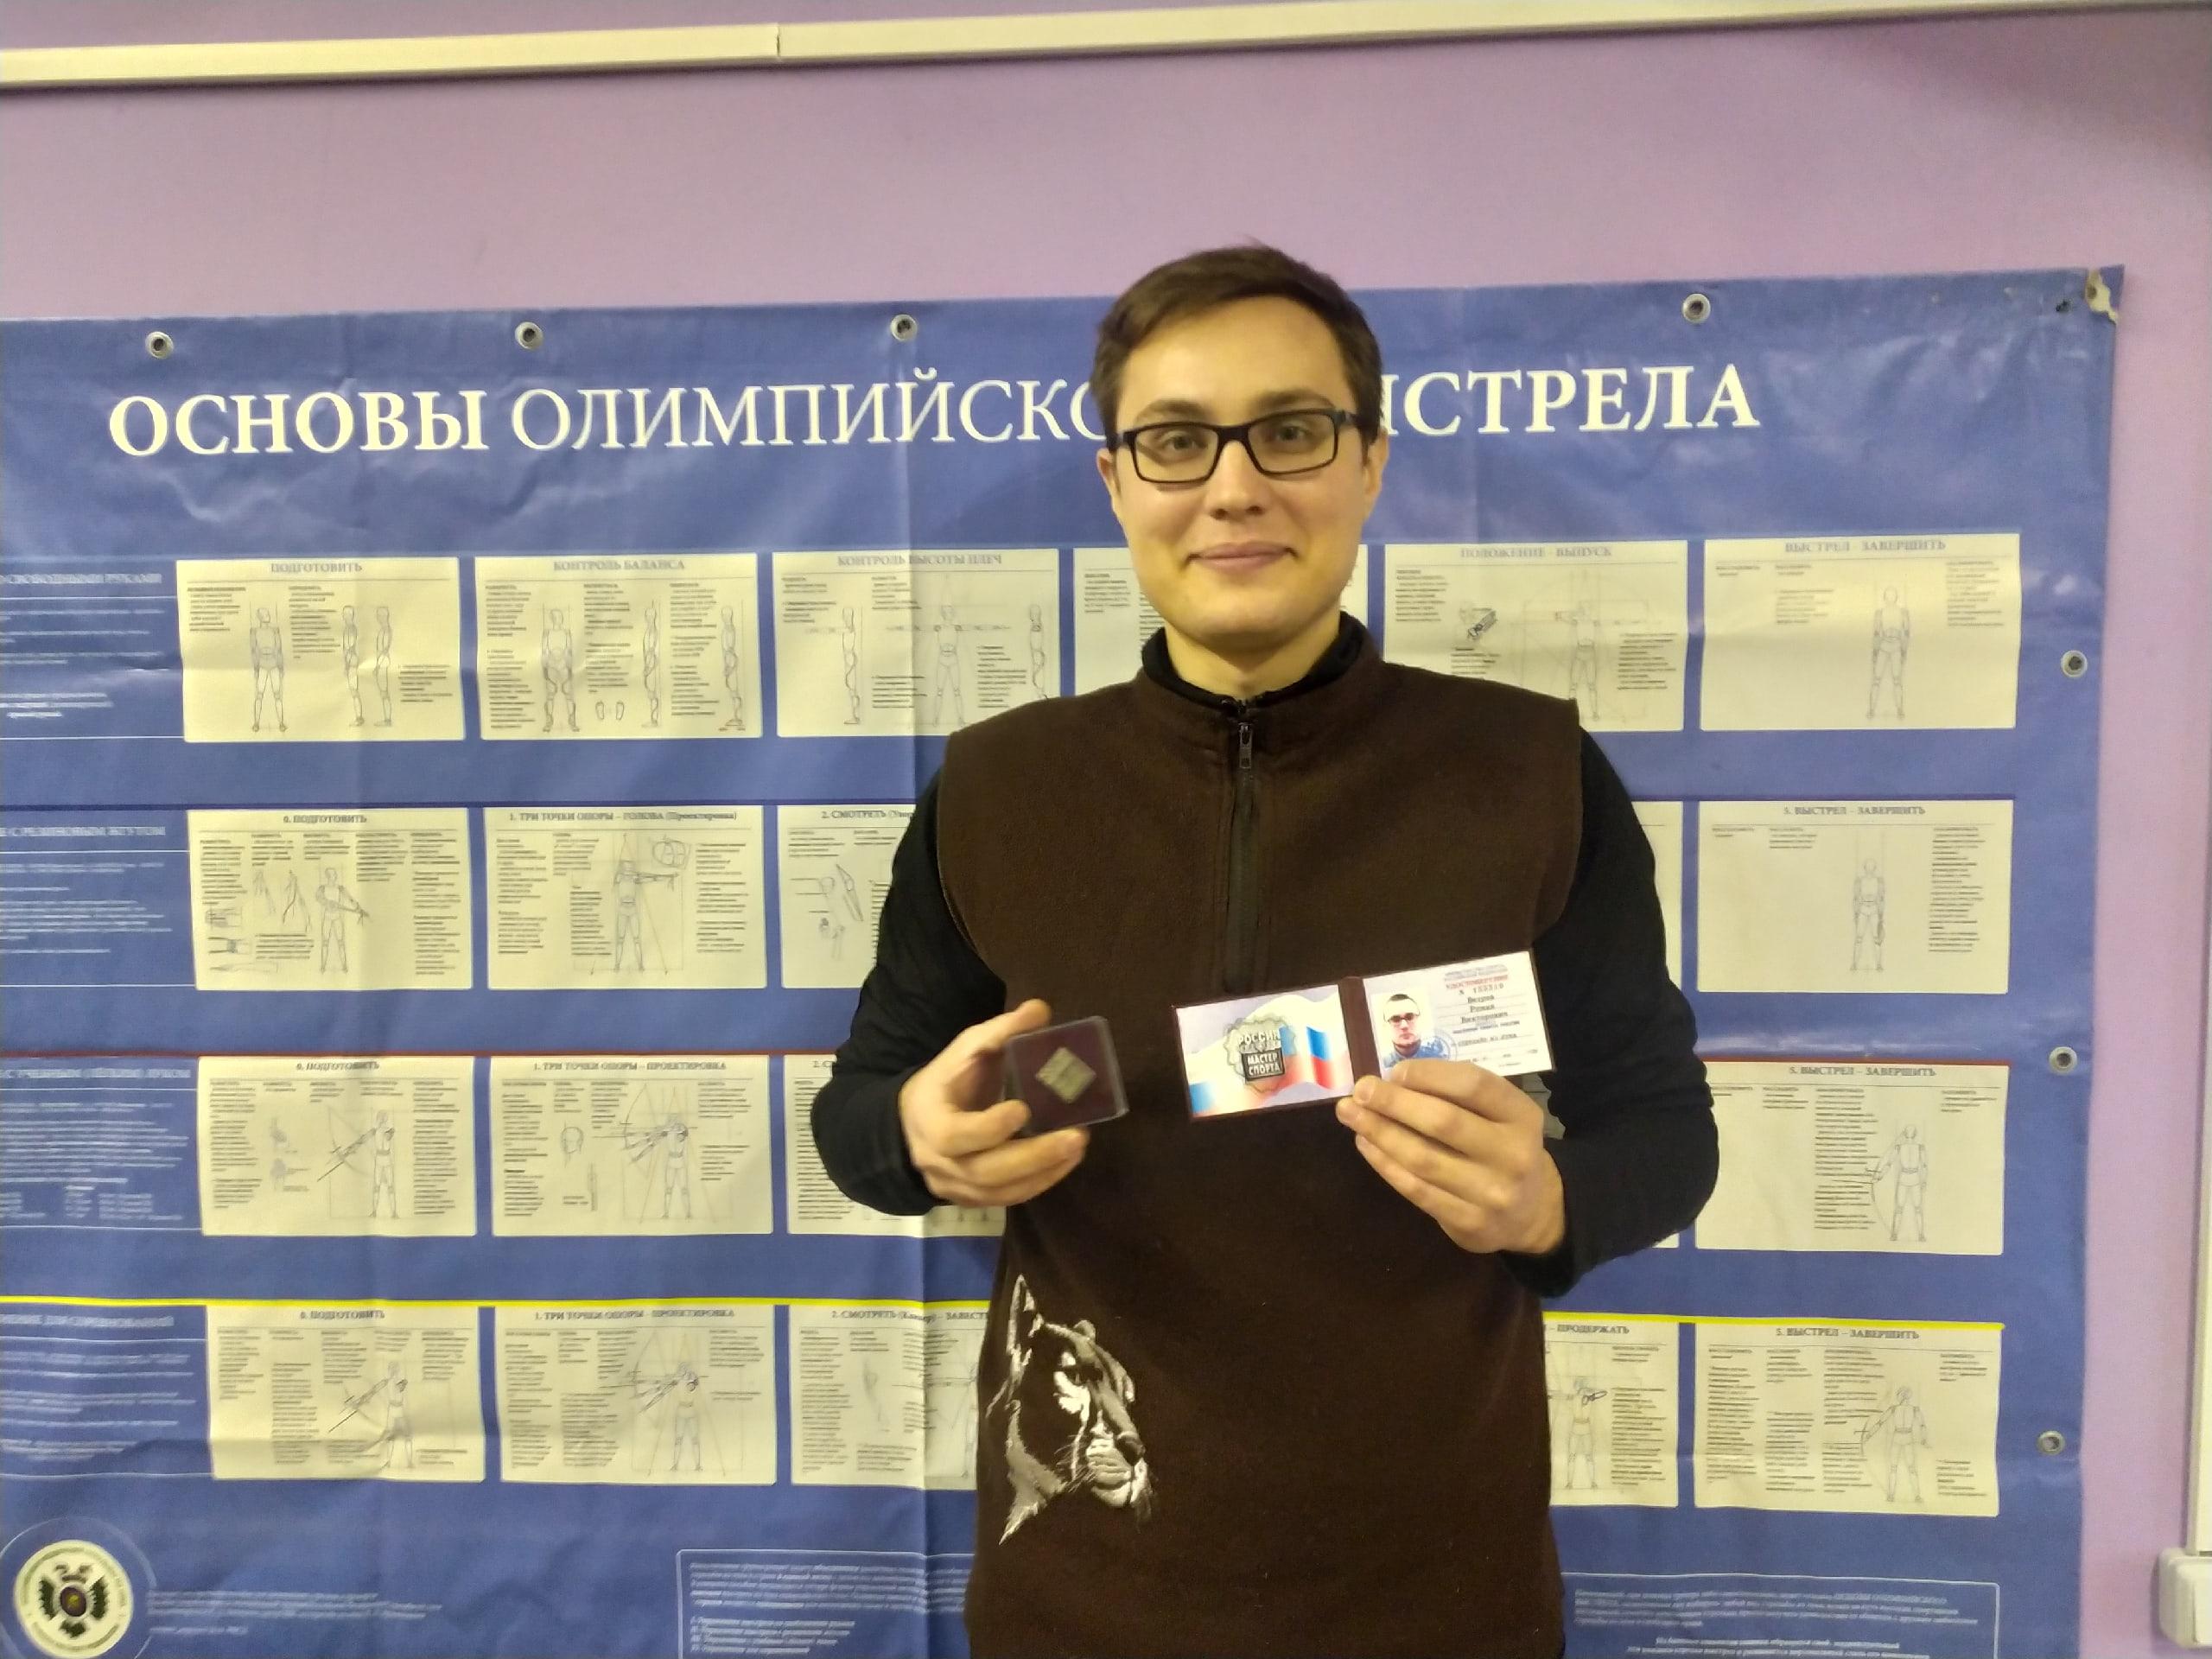 Ещё раз ПОЗДРАВЛЯЕМ Ветрова Романа Викторовича с присвоением звания Мастер…